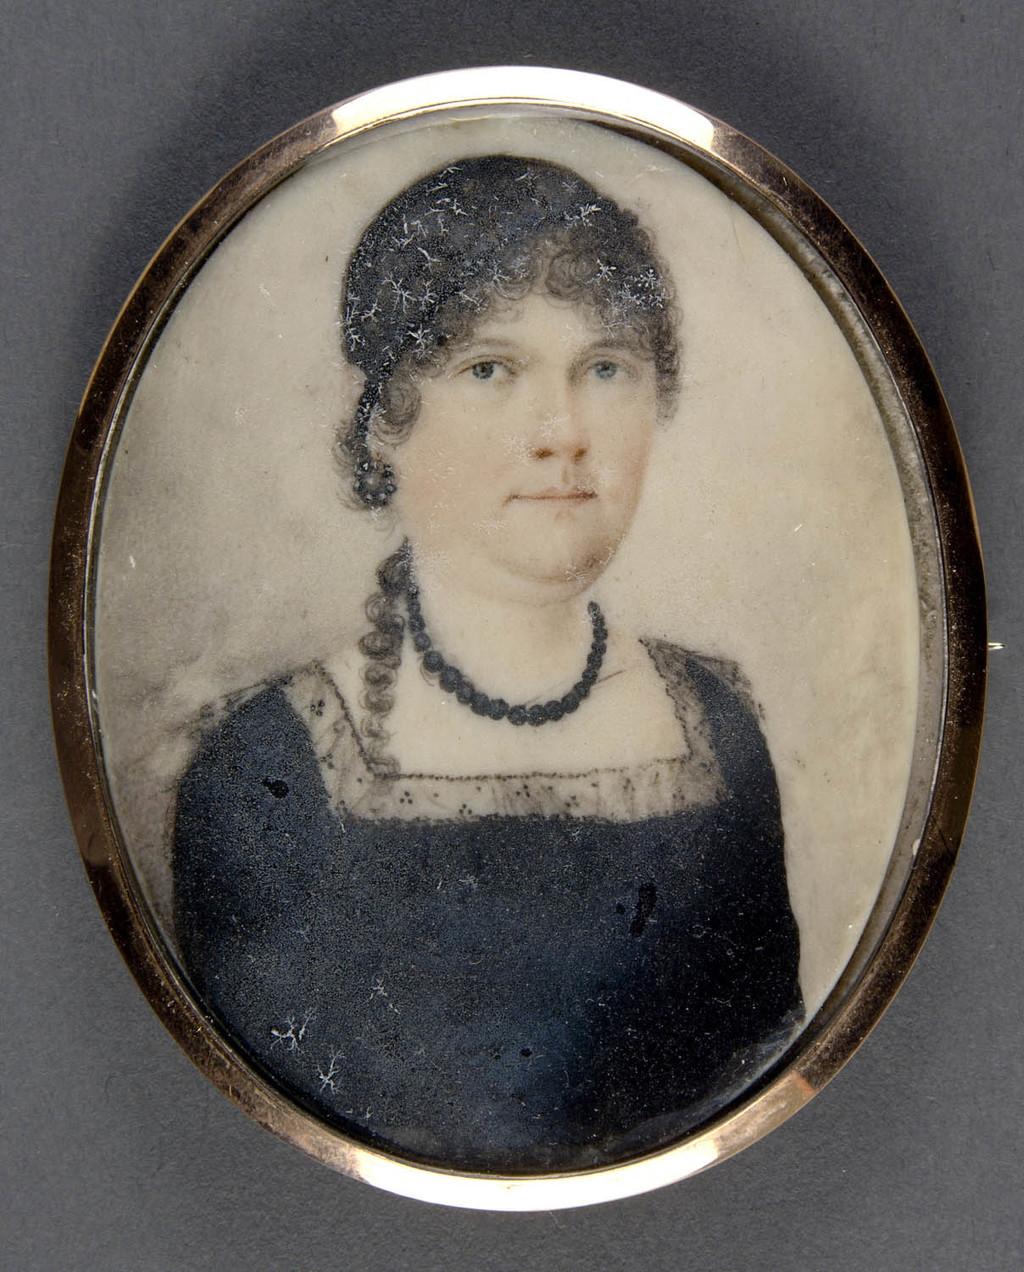 Madame Porter